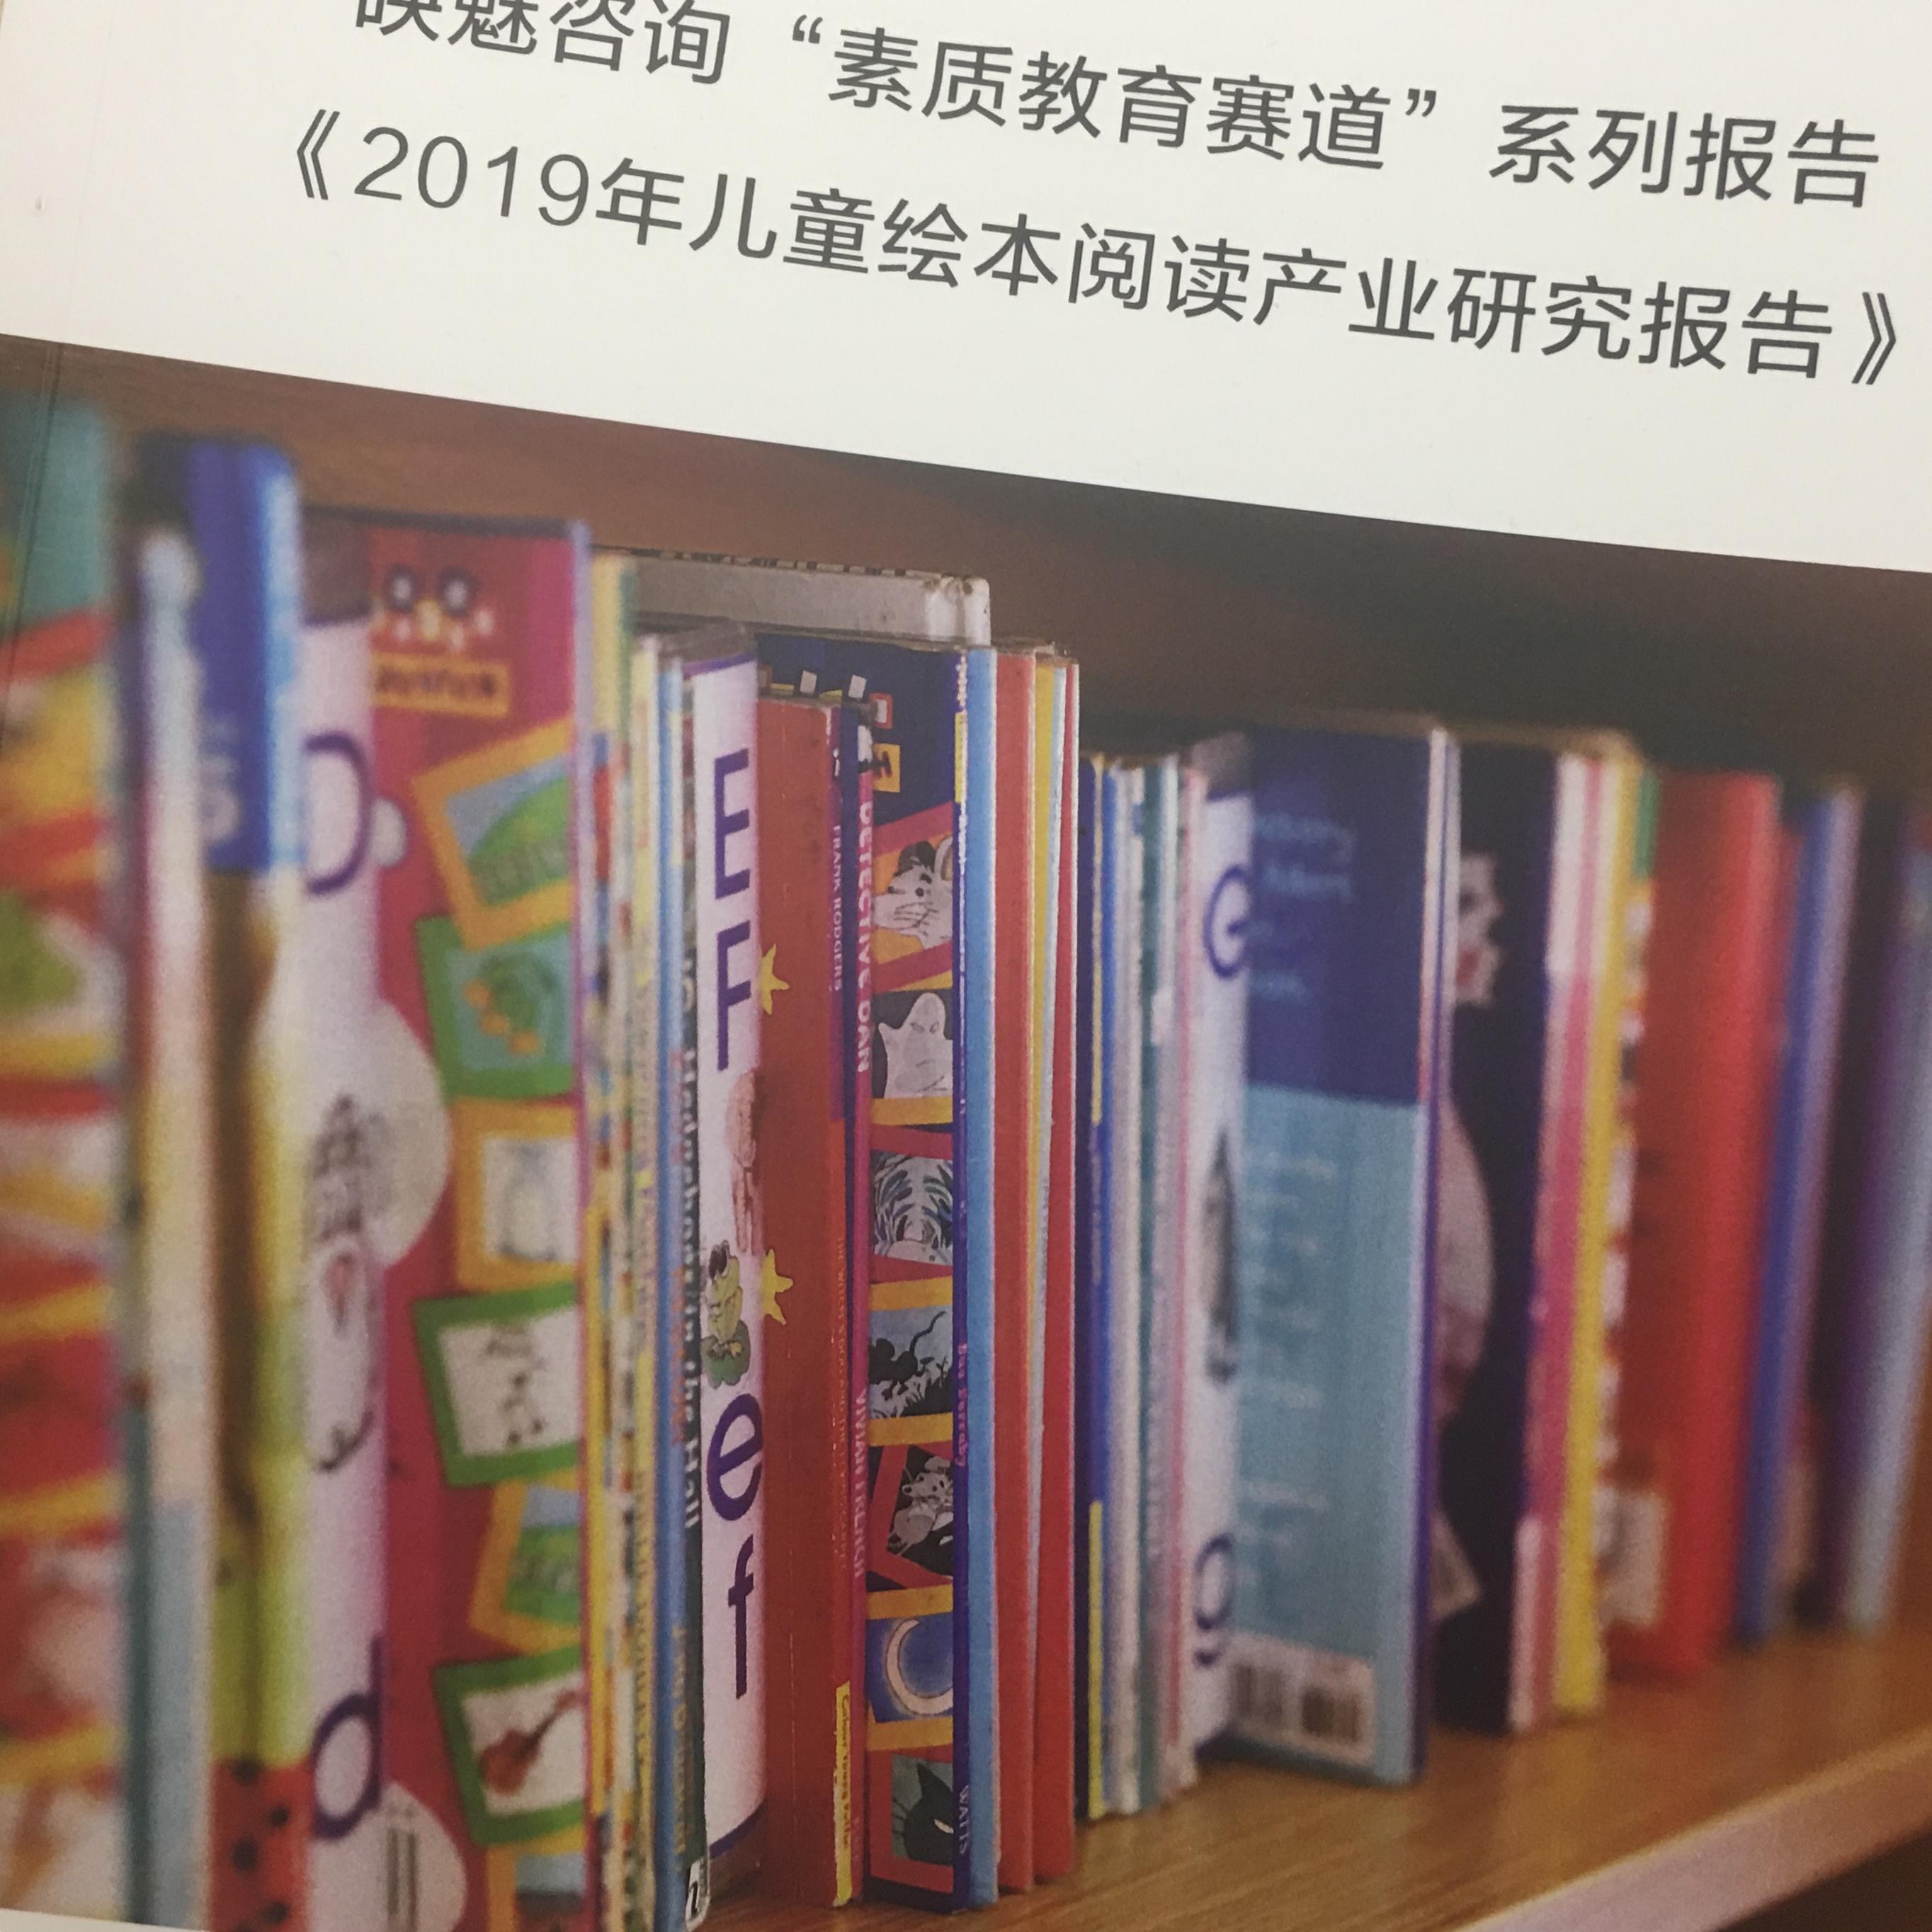 映魅咨询发布《2019年儿童绘本阅读产业研究报告》,一个蓄势待发的市场